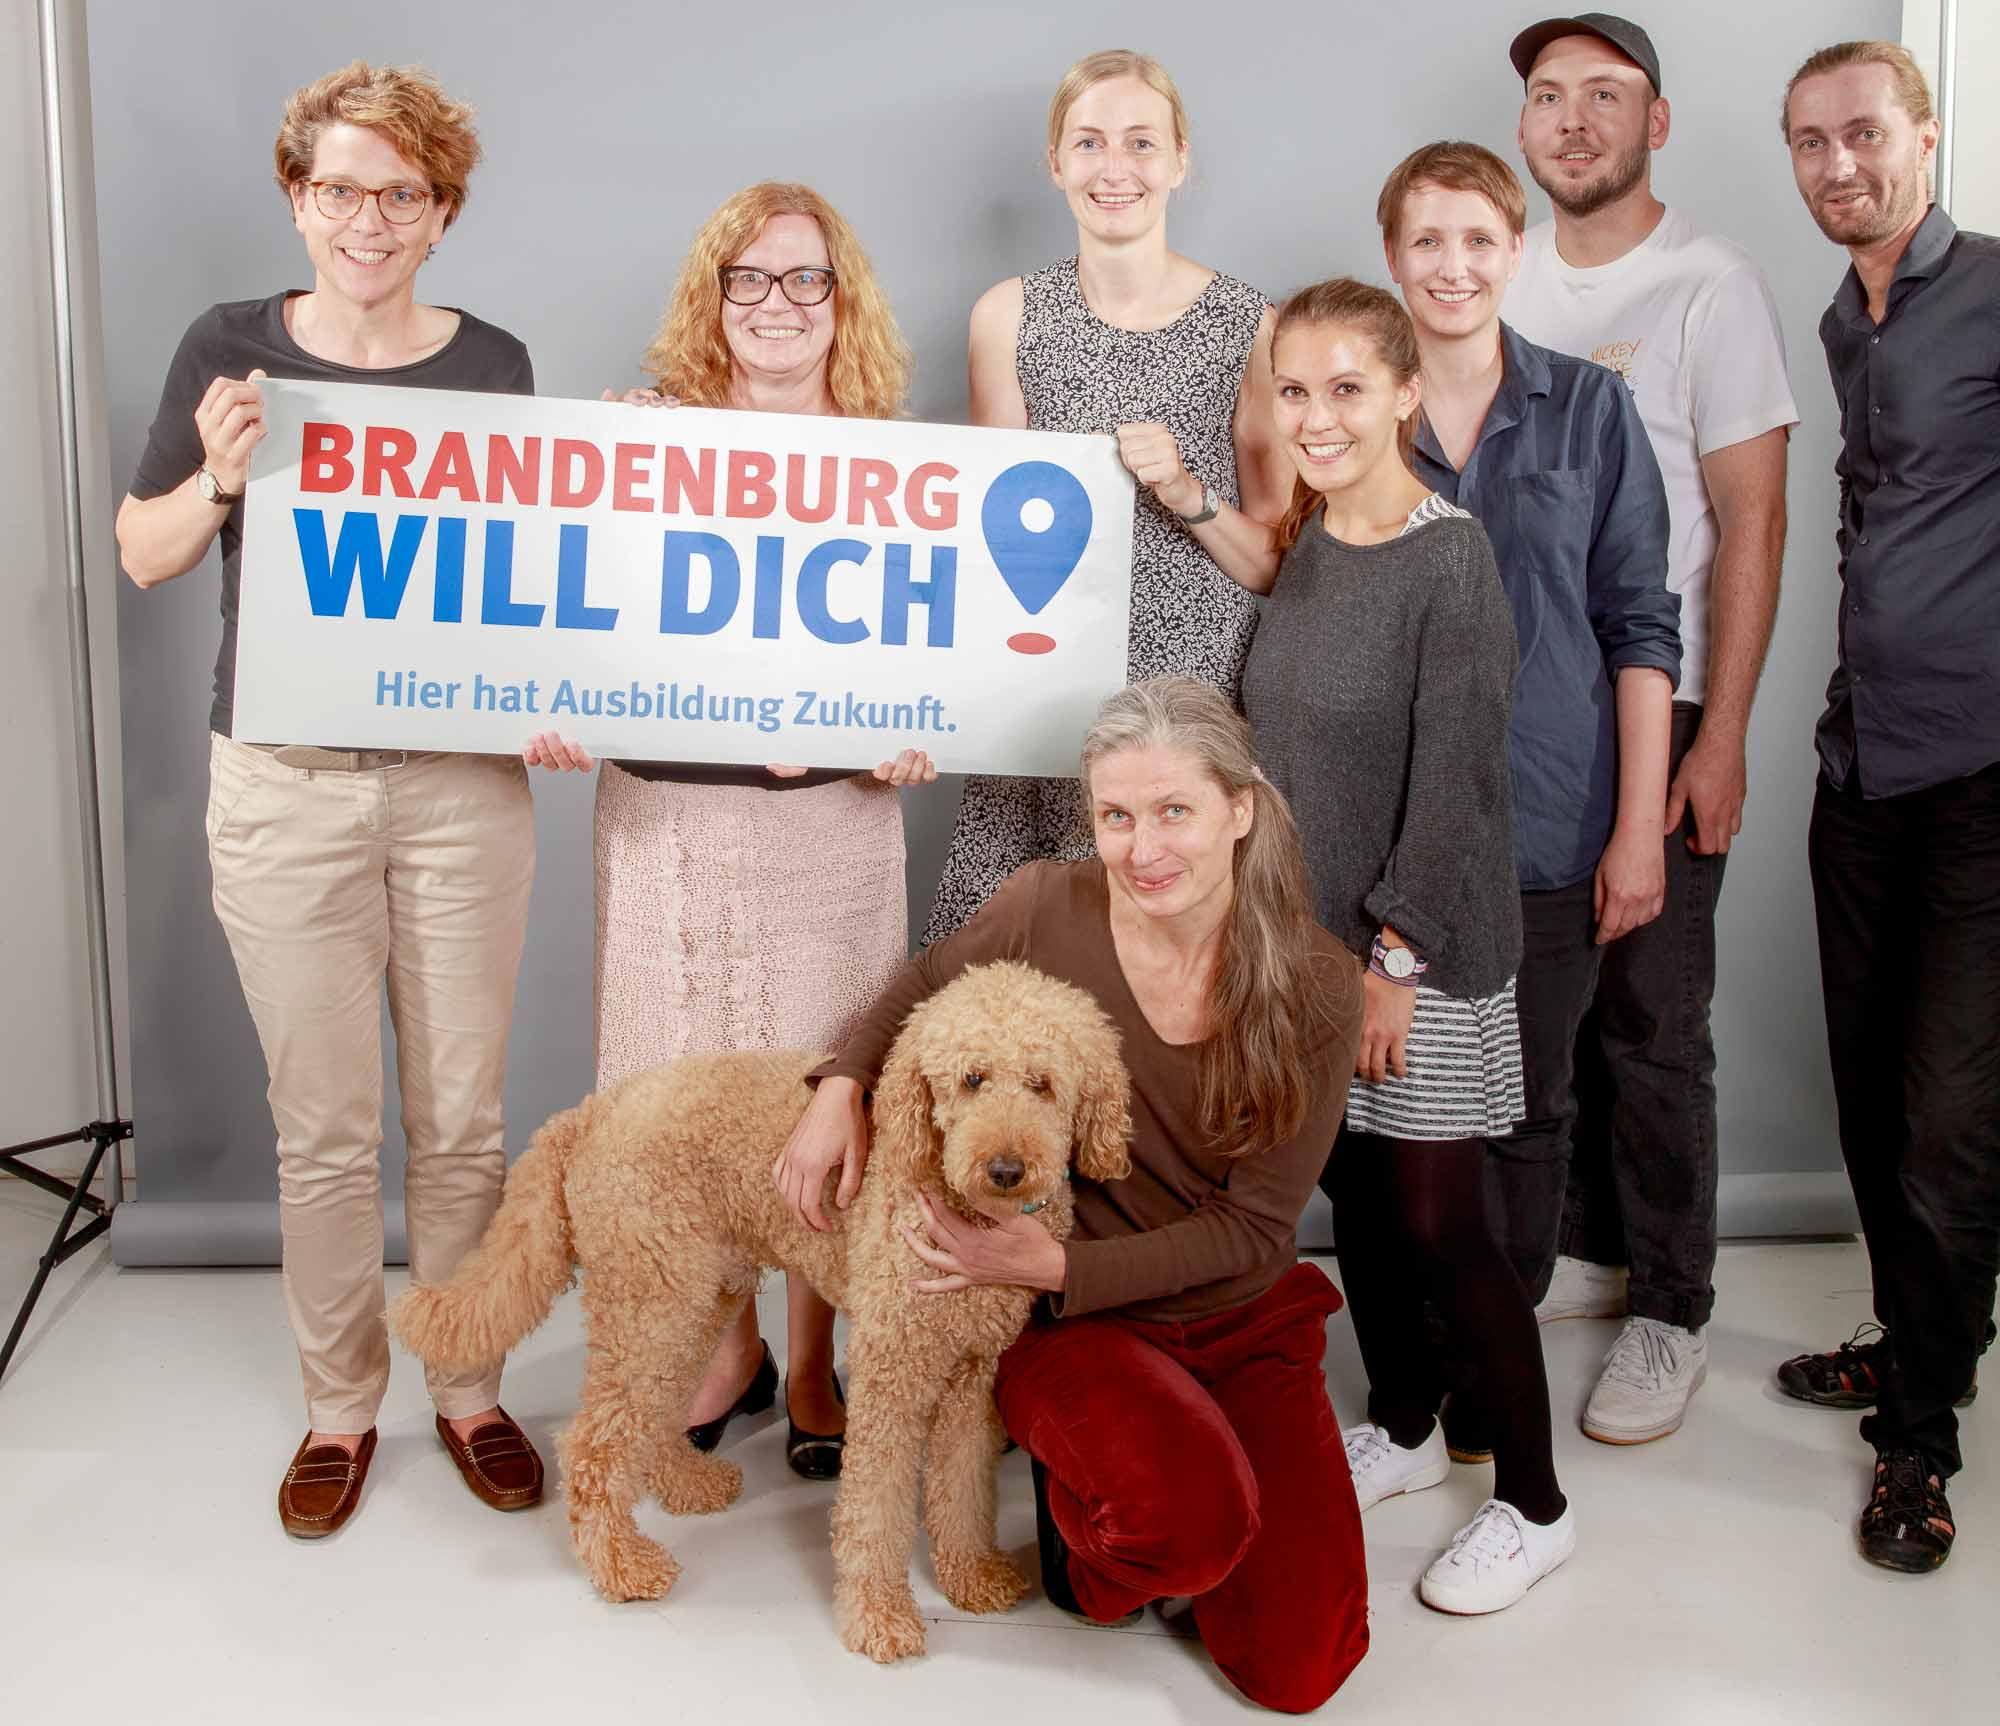 Brandenburg will dich - Gruppenbild Team mit Schild und Hund